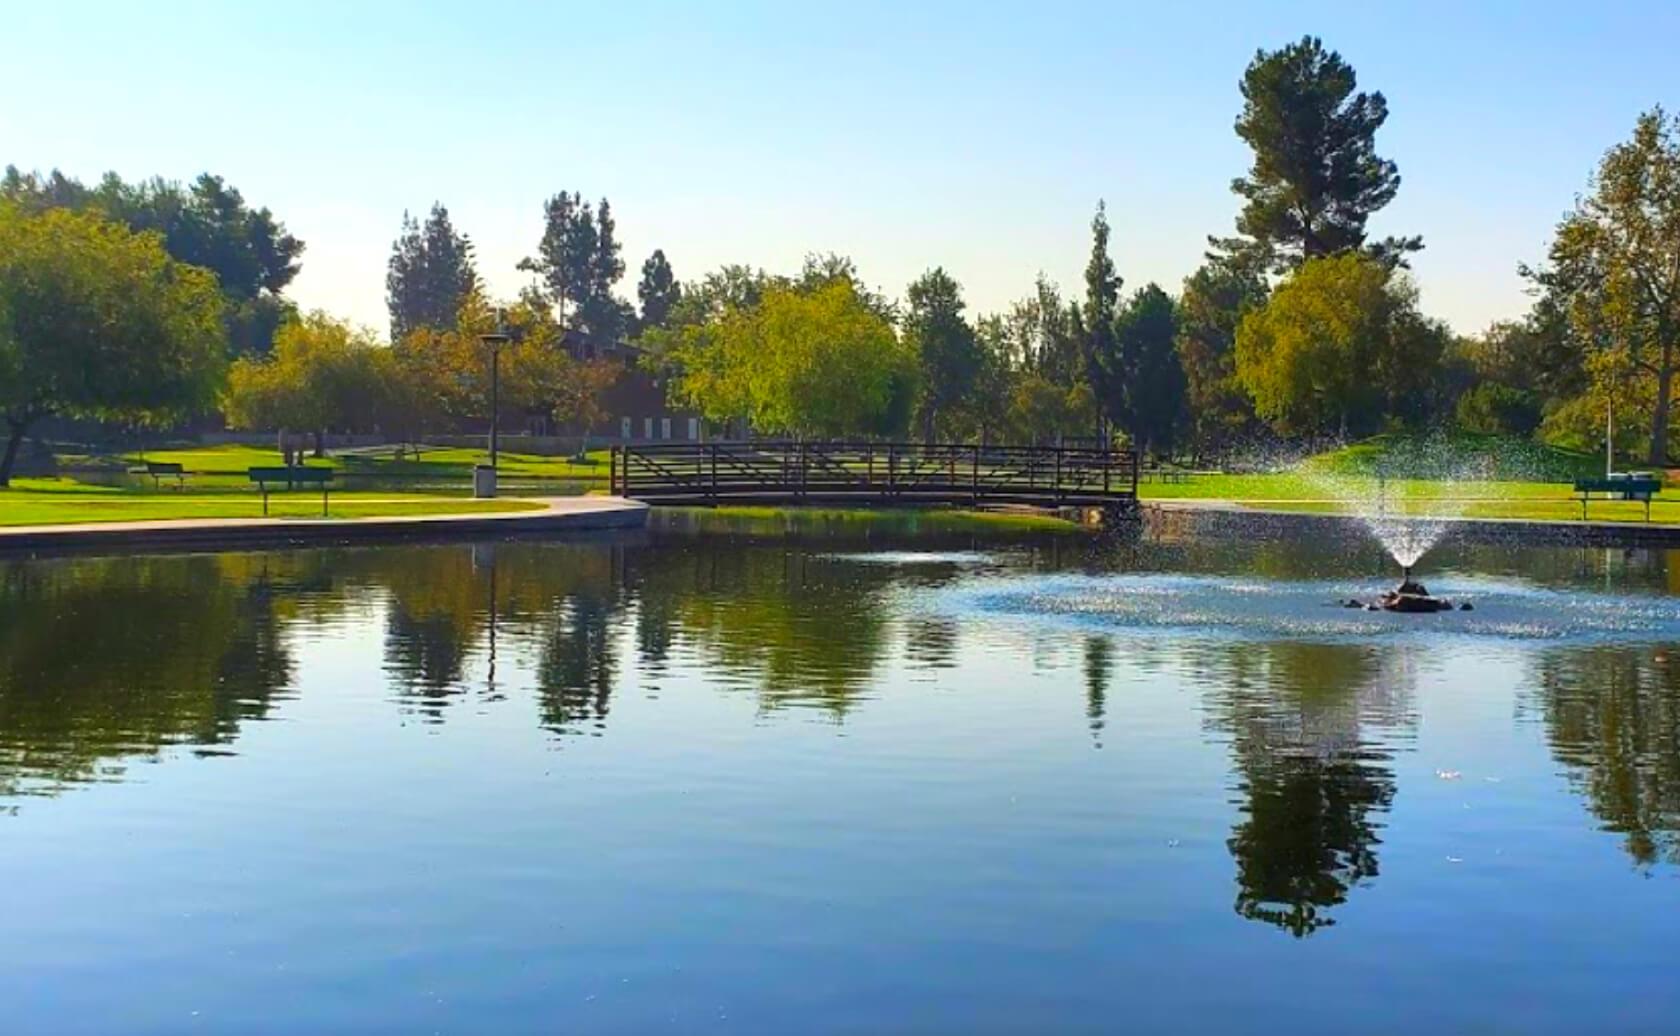 Clark-Regional-Park-Lake-Fishing-Guide-Report-Buena-Park-CA-06